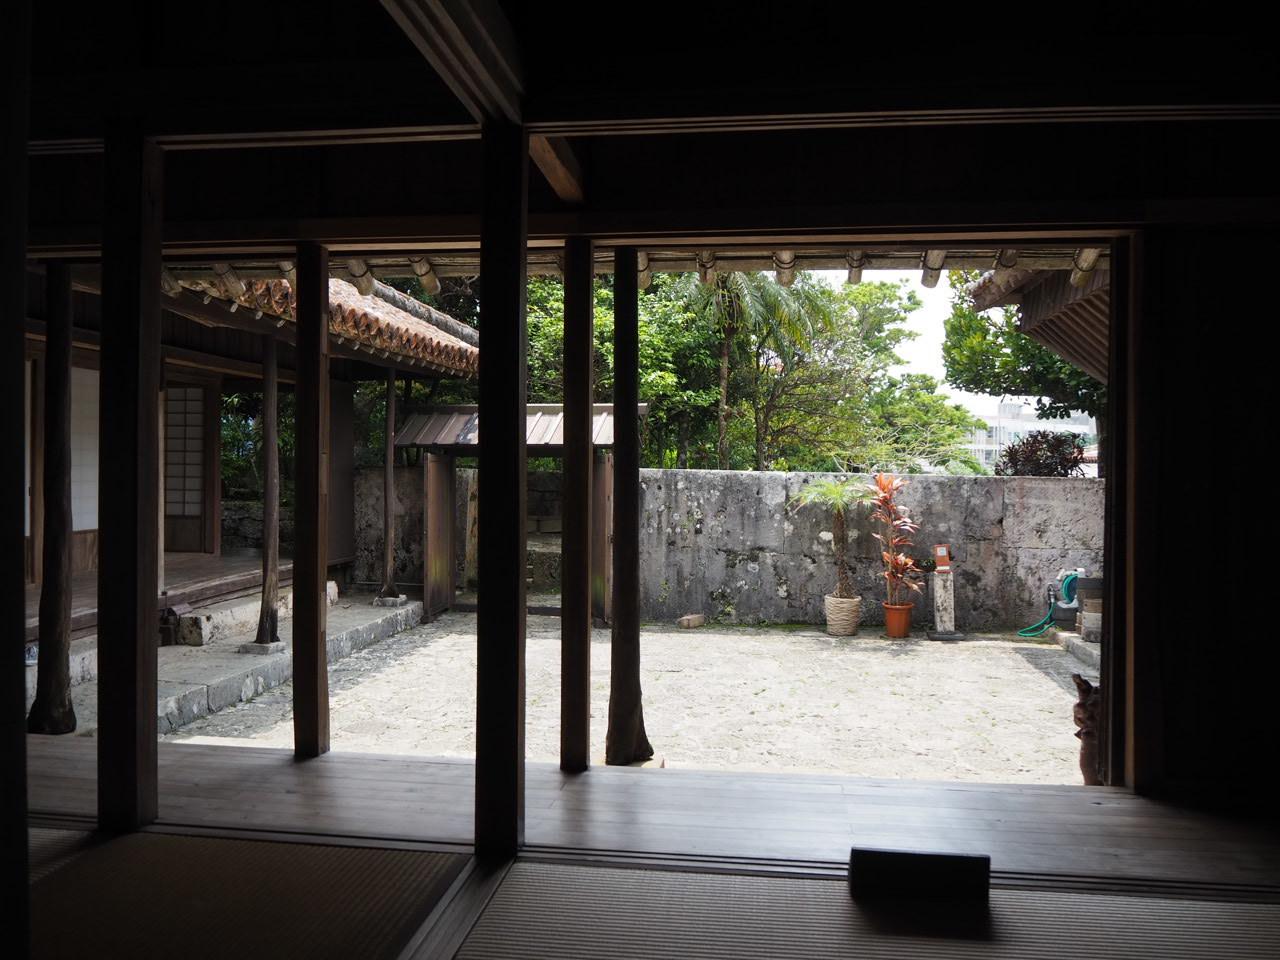 沖縄5日目 楽しかったさー_f0370091_22213172.jpg